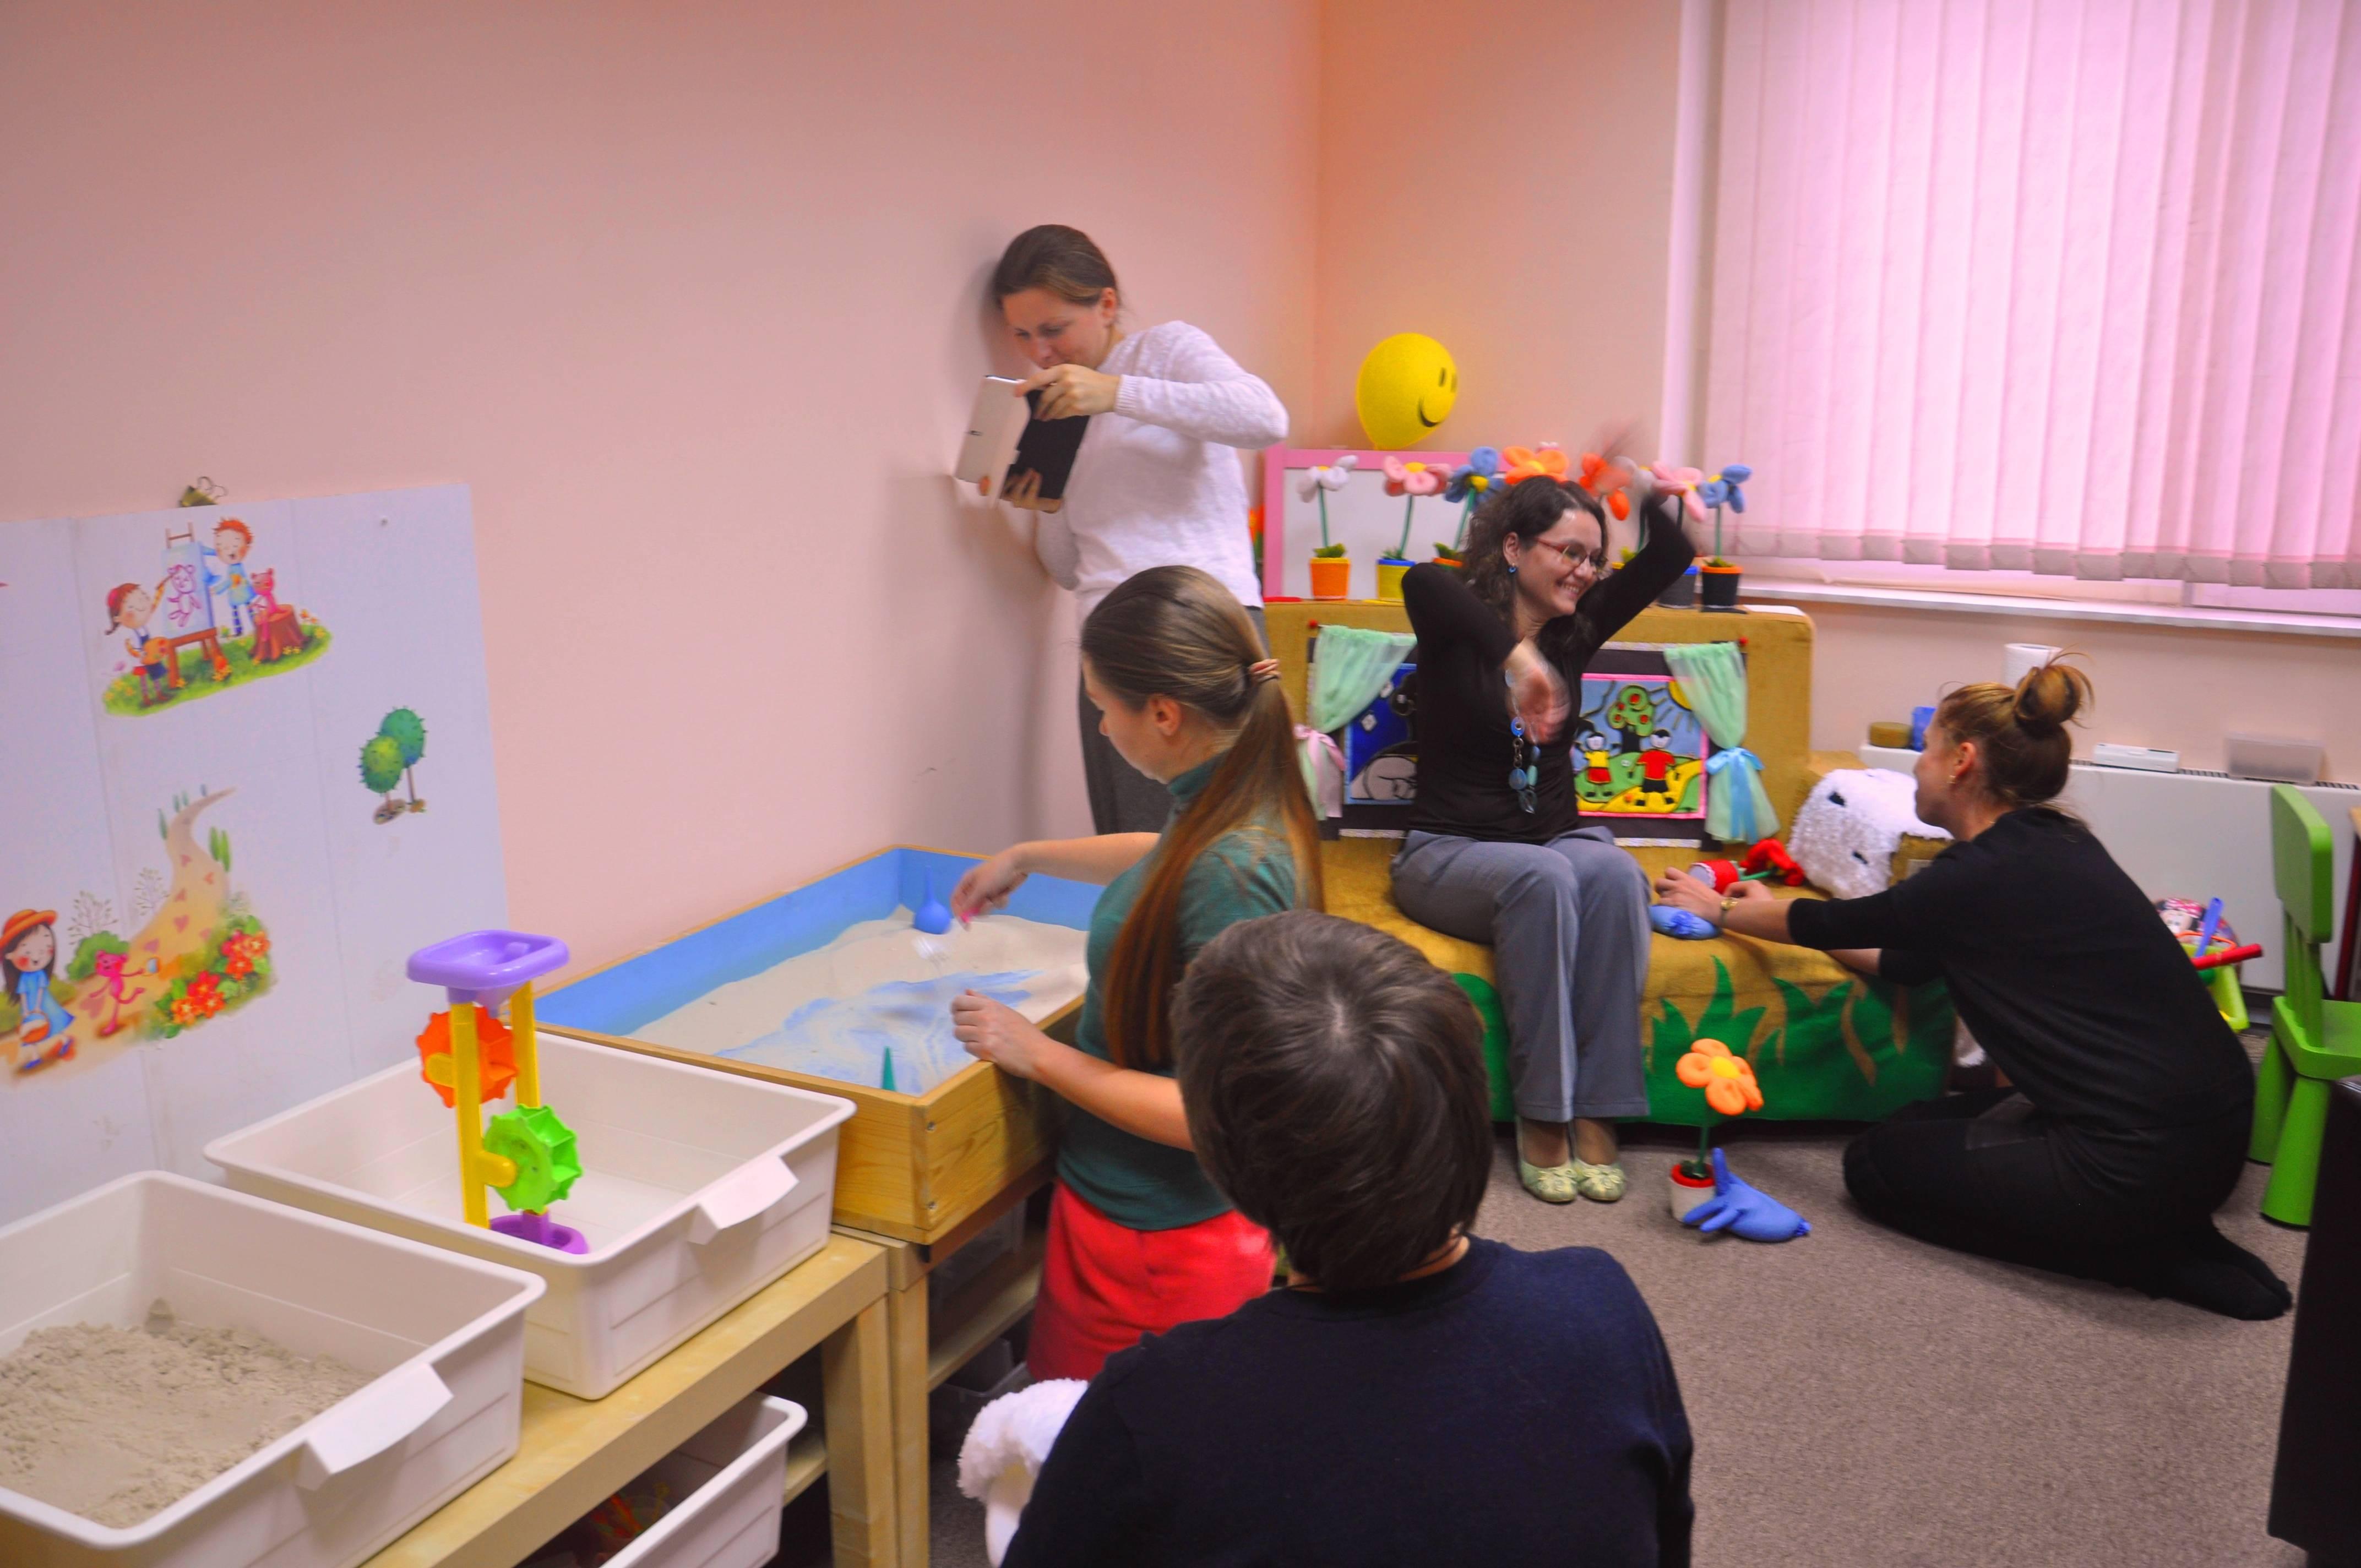 Игротерапия для детей: польза, виды игровой терапии, примеры игр